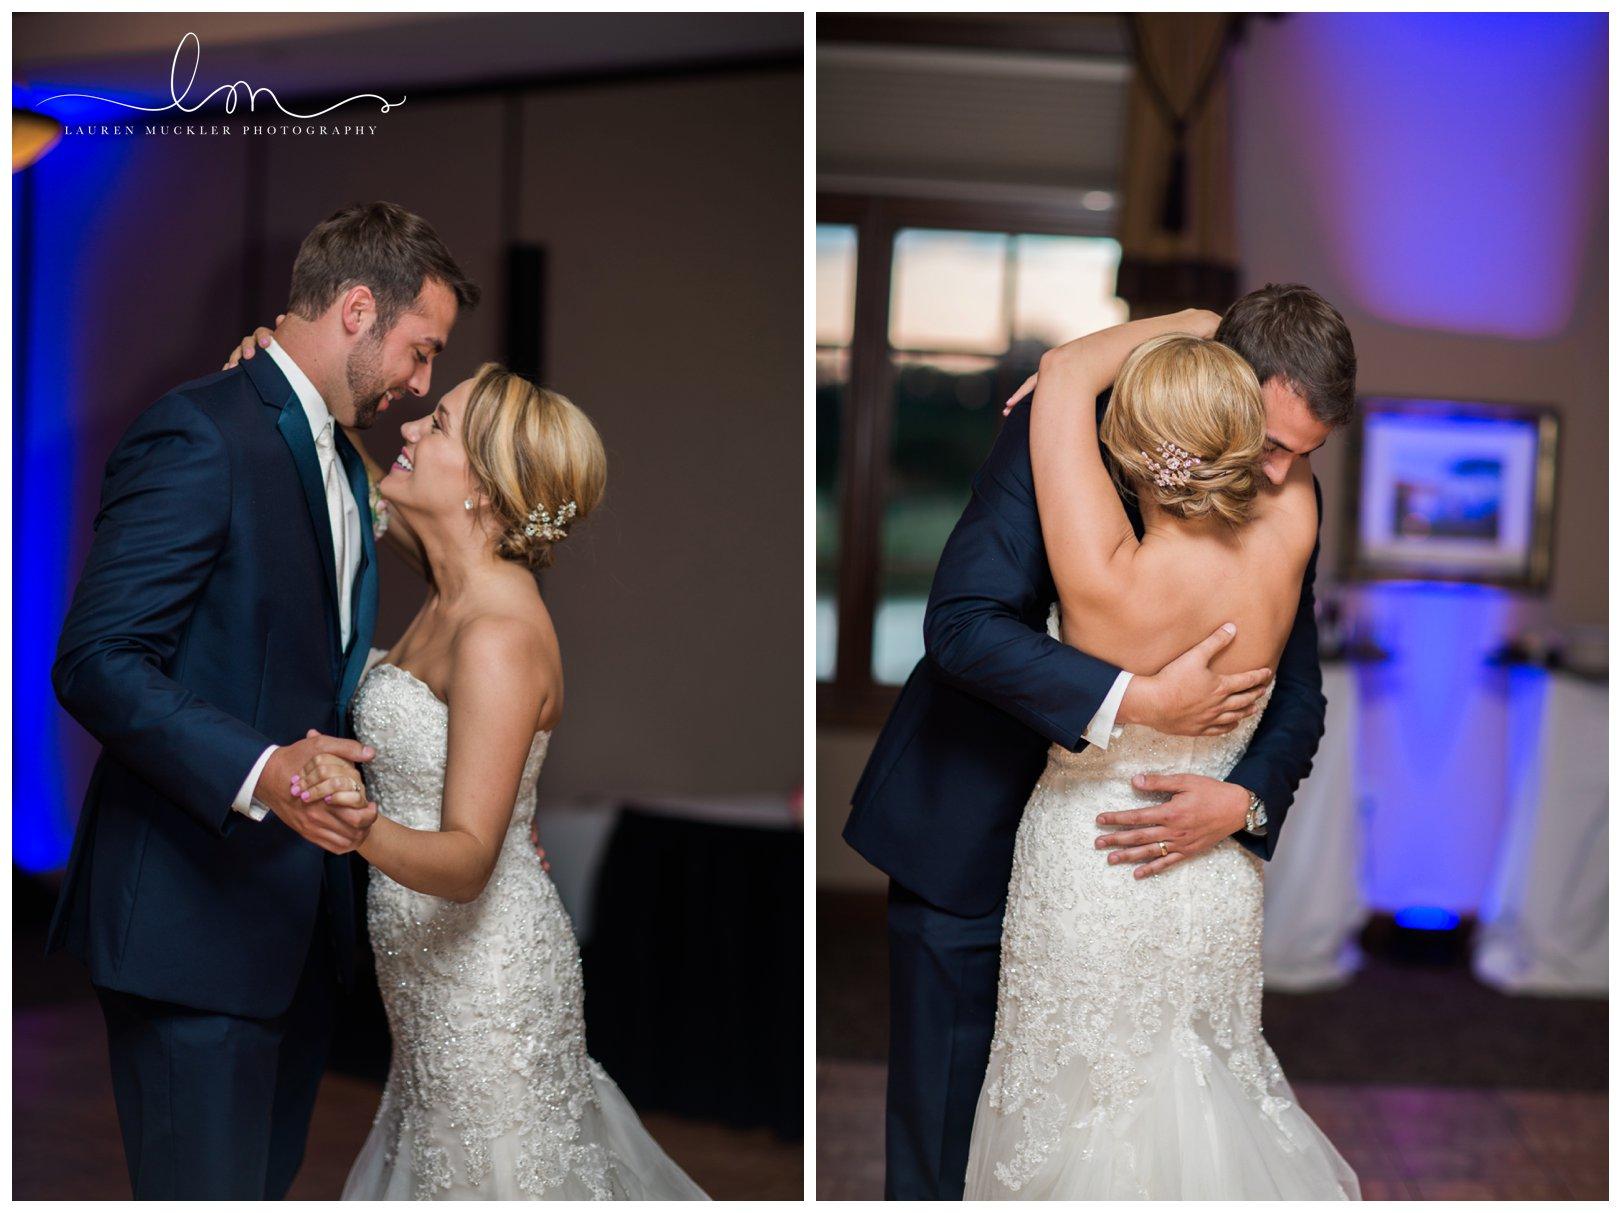 lauren muckler photography_fine art film wedding photography_st louis_photography_0408.jpg